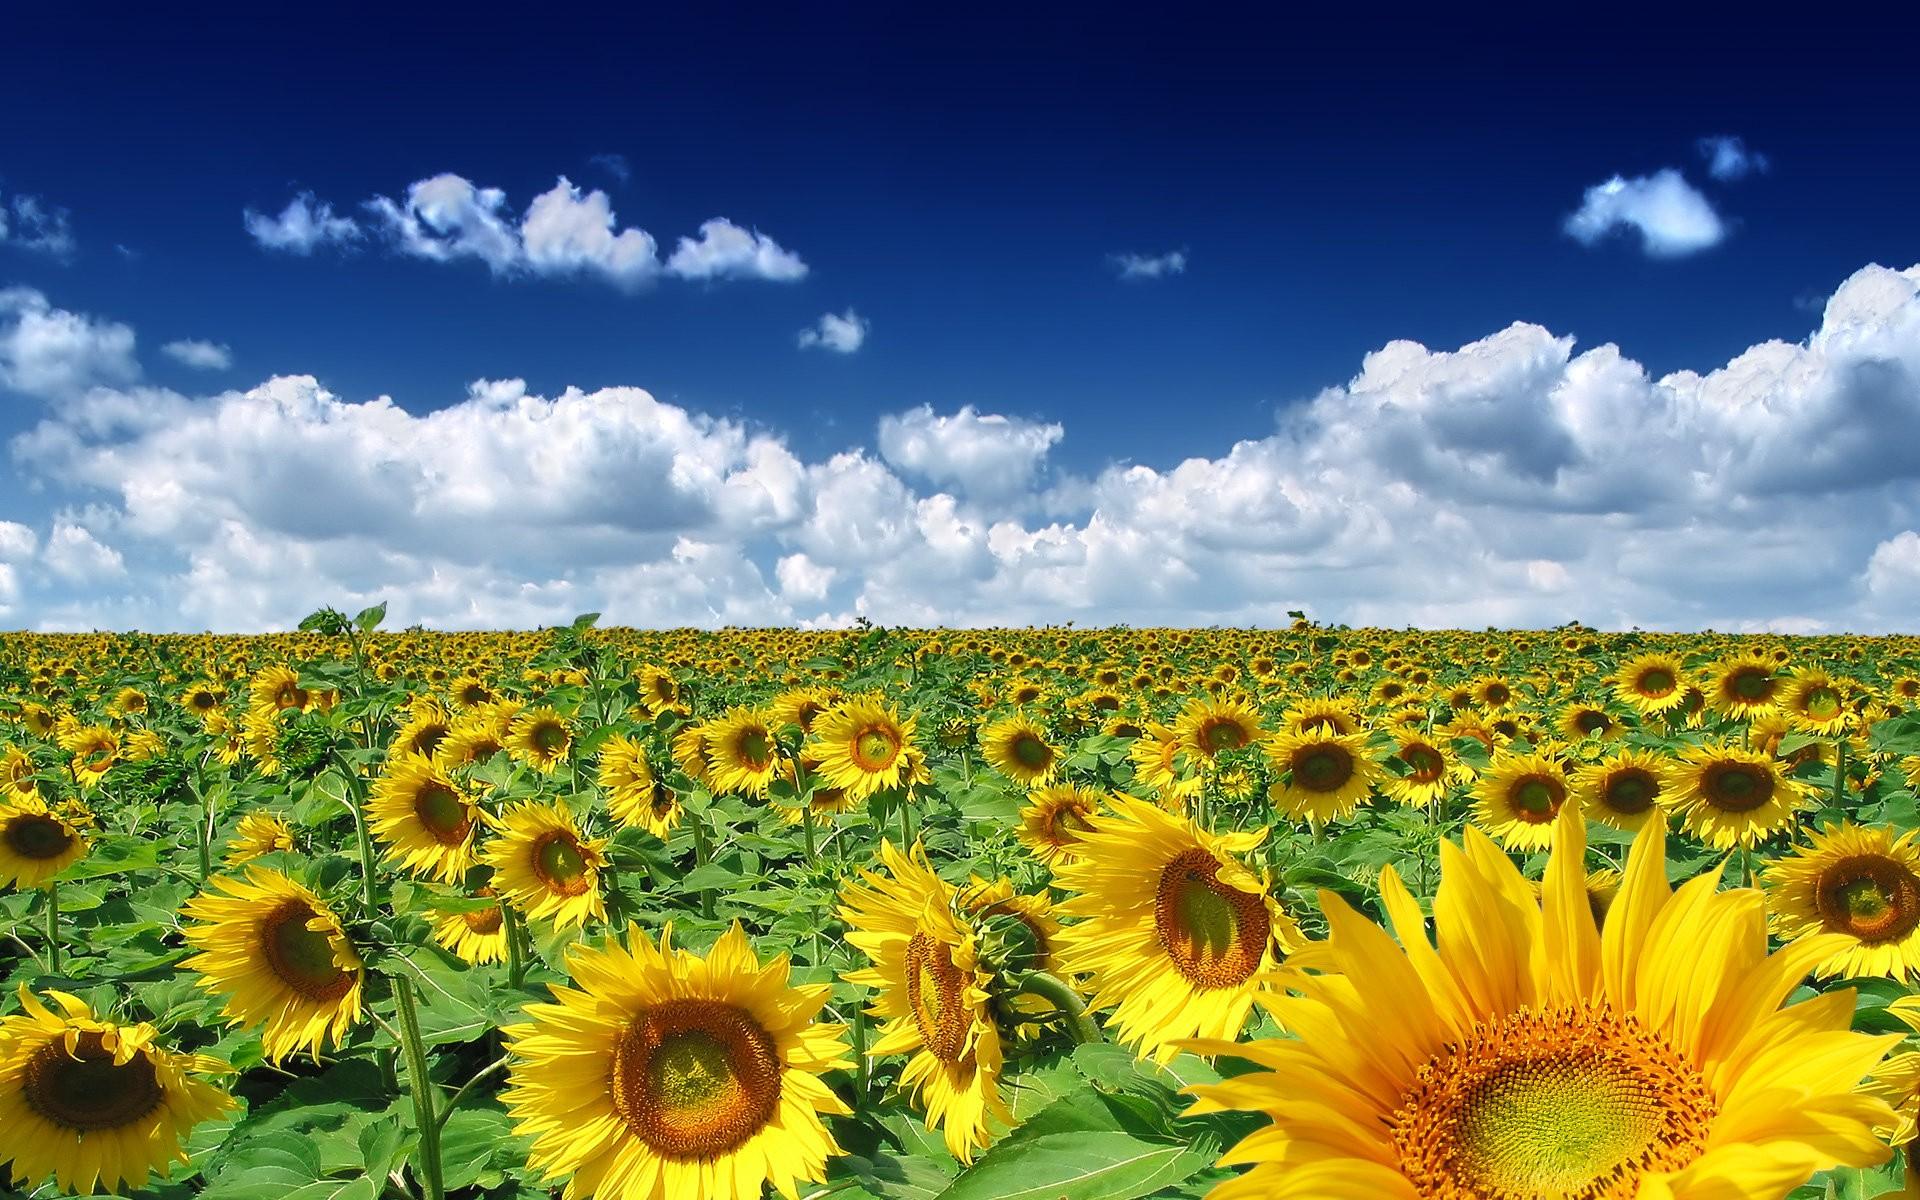 Download 97 Gambar Bunga Matahari Polos HD Paling Keren